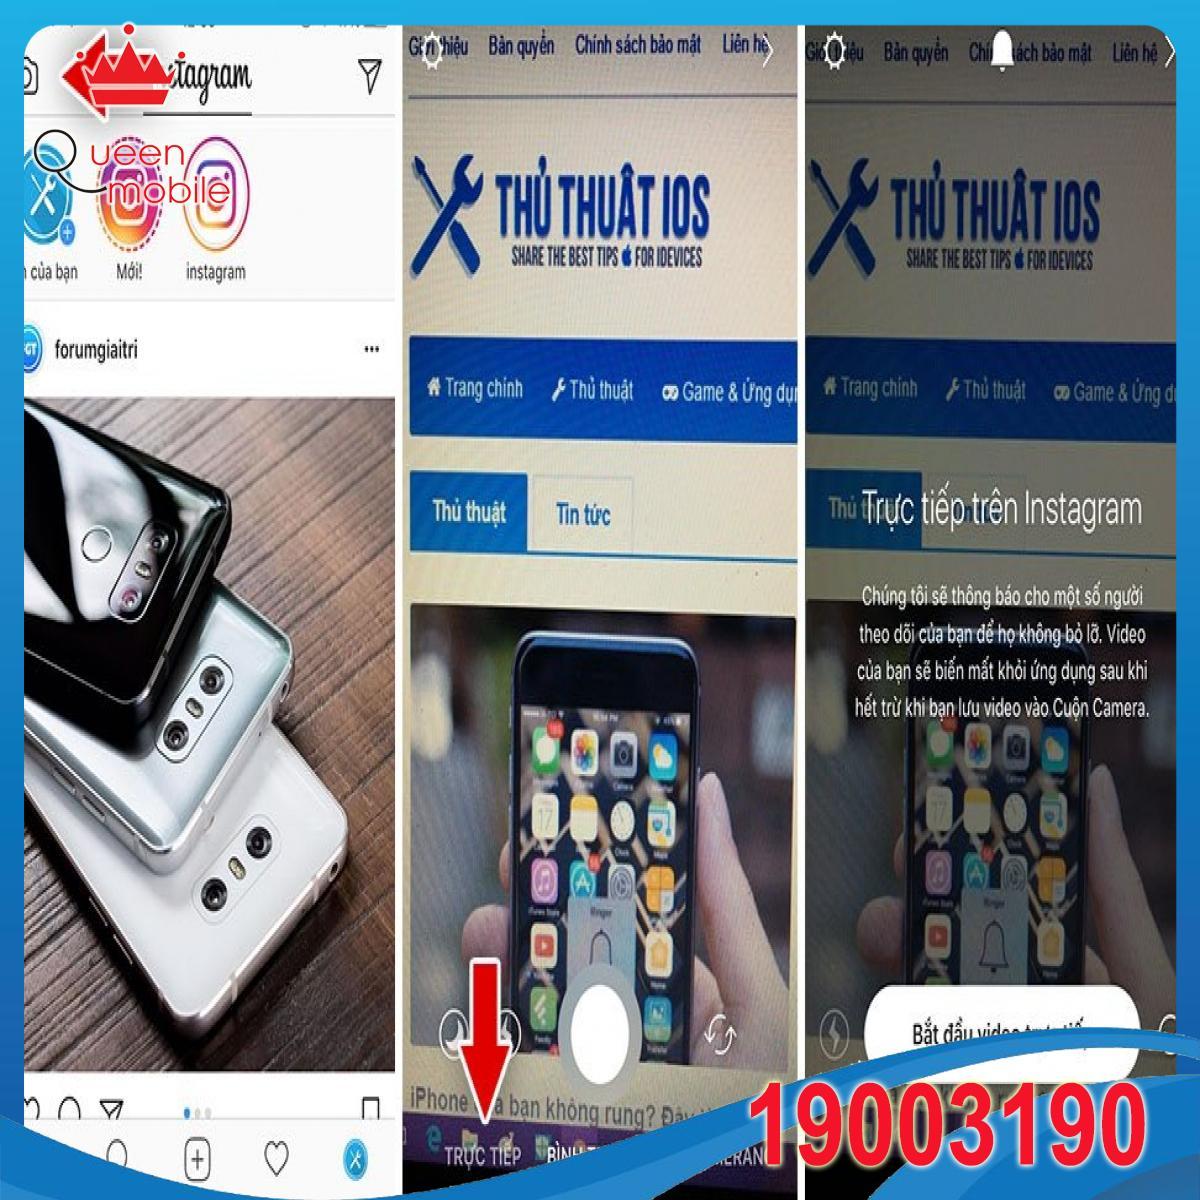 Cách lưu video trực tiếp của bạn trên Instagram vào iPhone